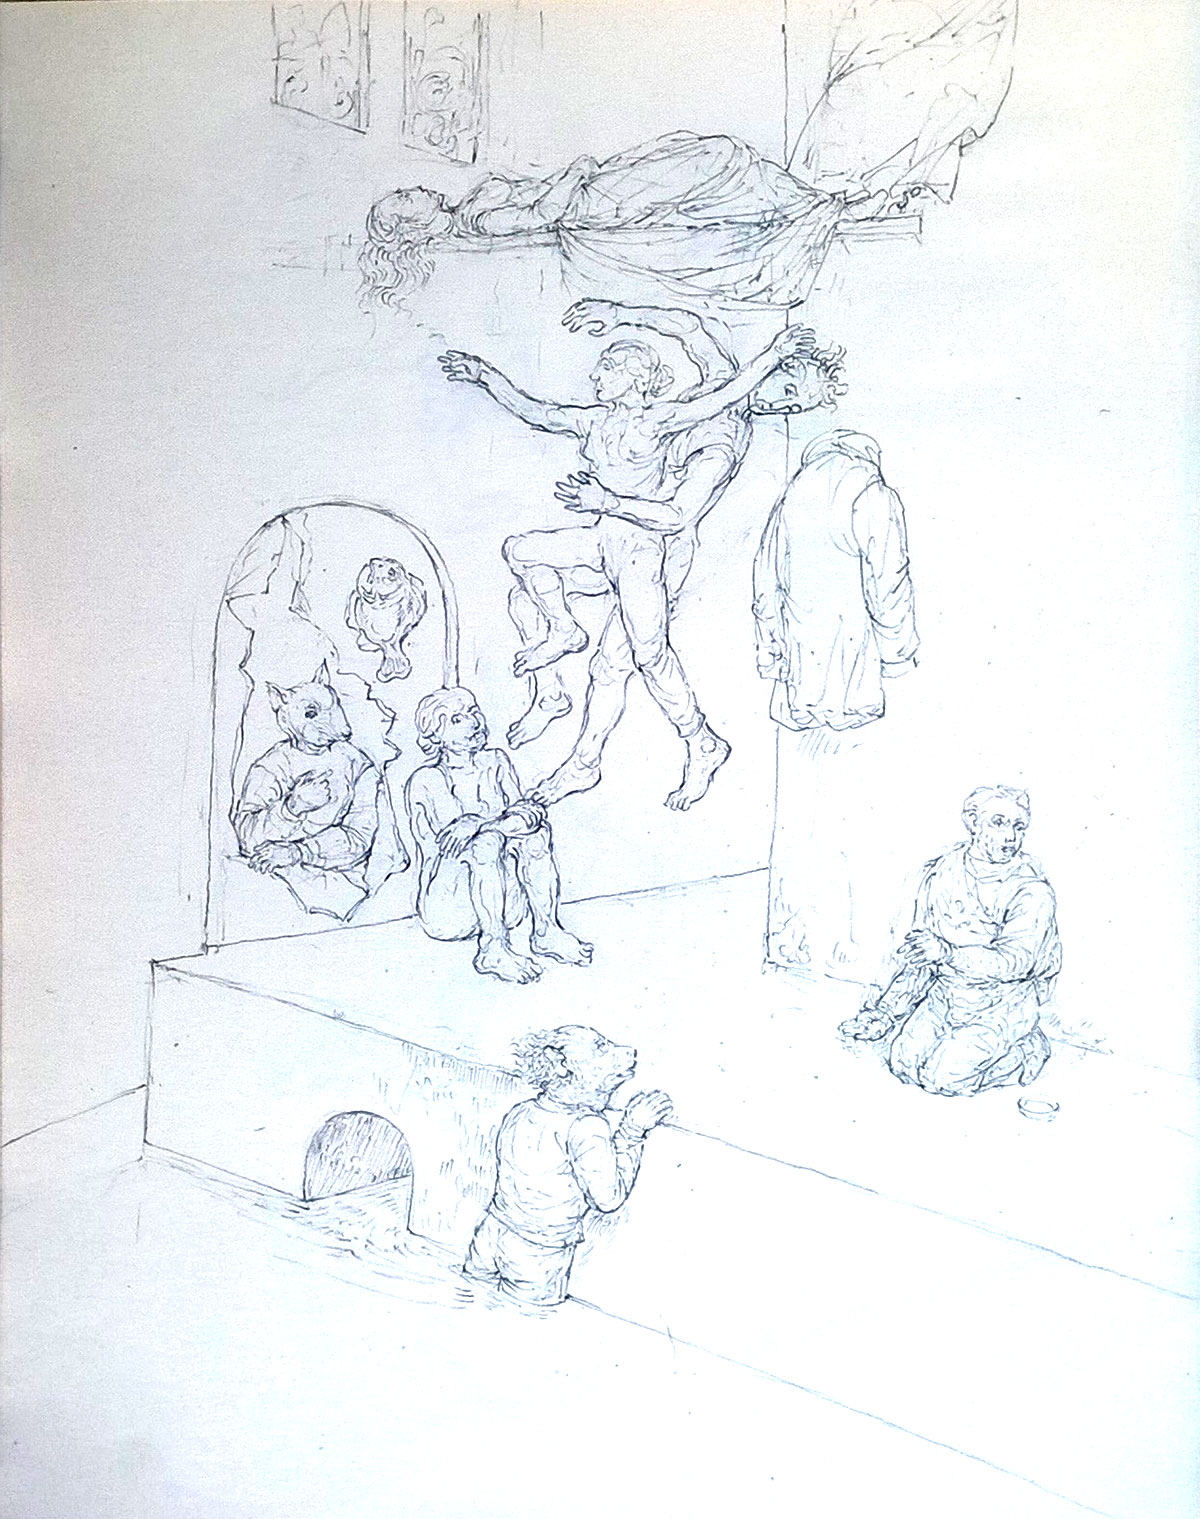 Groupe dansant, 2020, mine de plomb sur papier, 21 x 29 cm